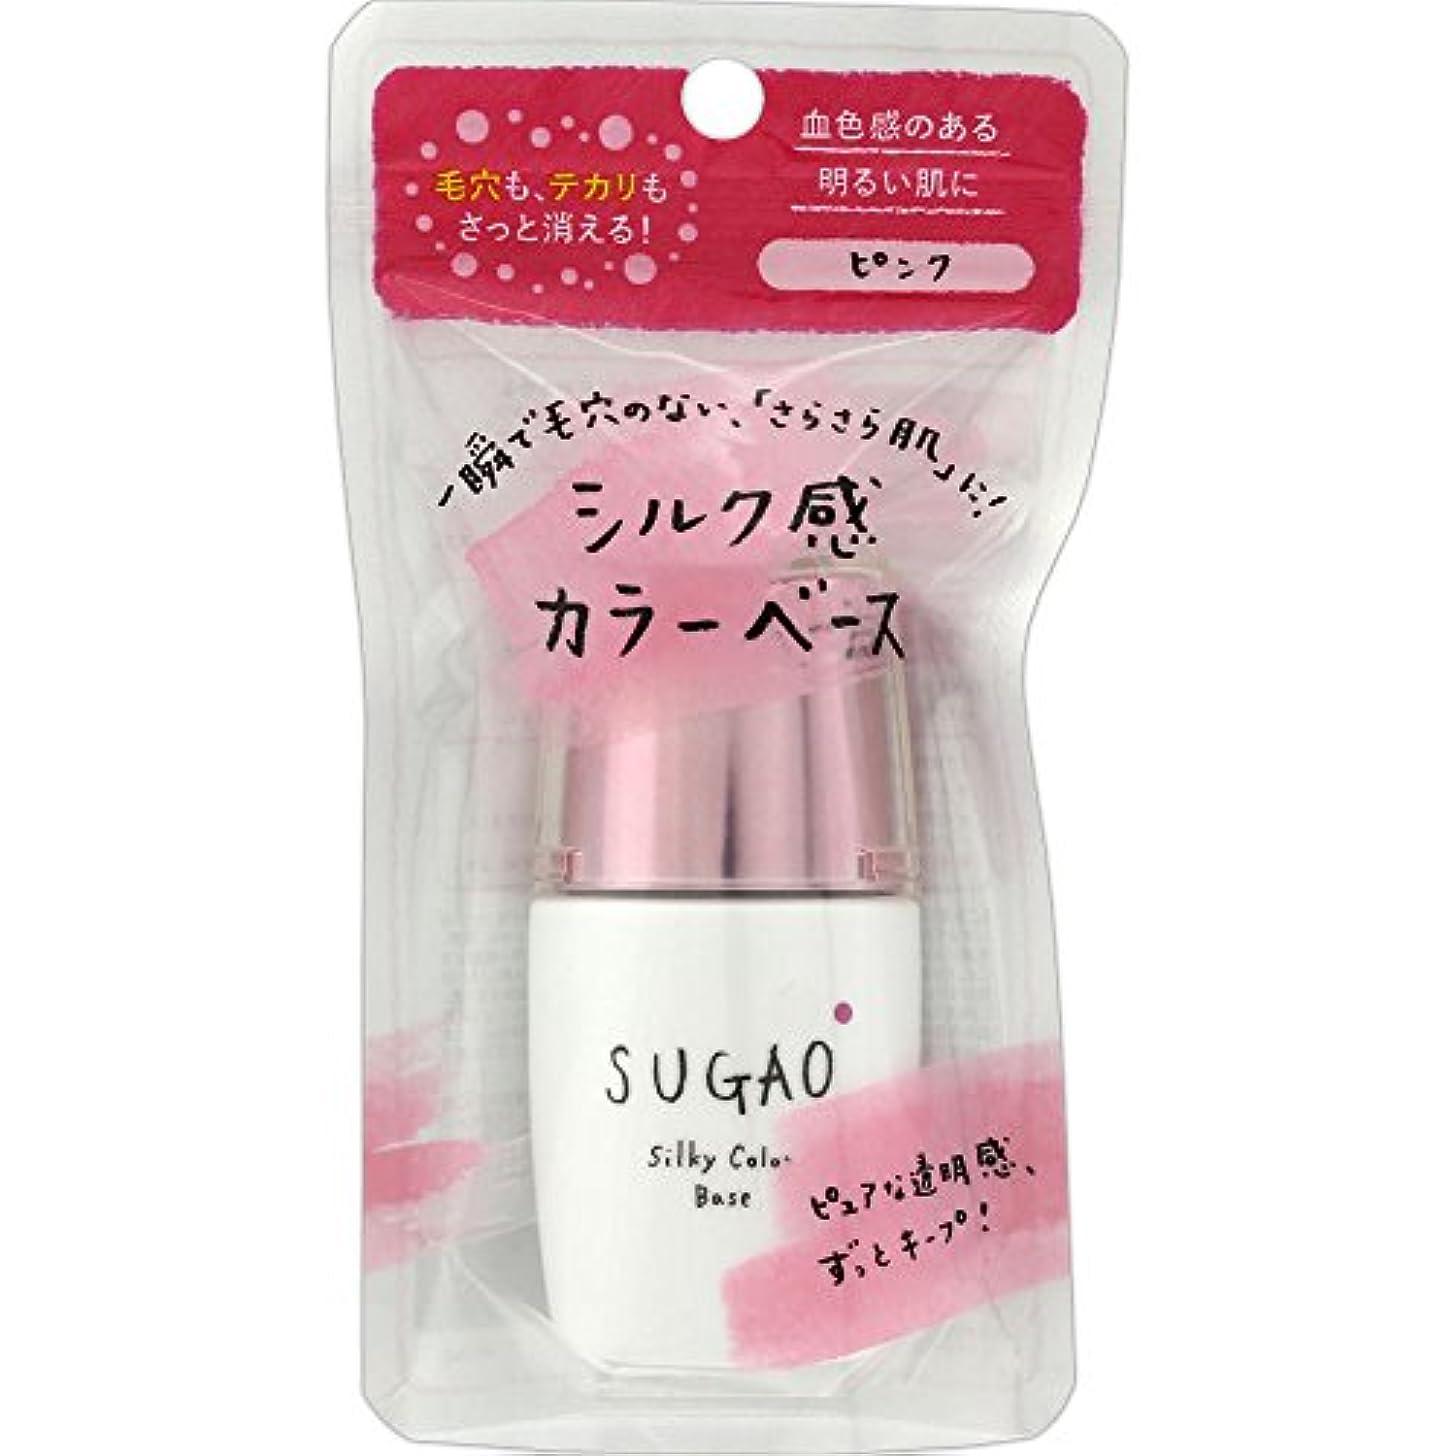 眠る失望ギャラリースガオ (SUGAO) シルク感カラーベース ピンク SPF20 PA+++ 20mL